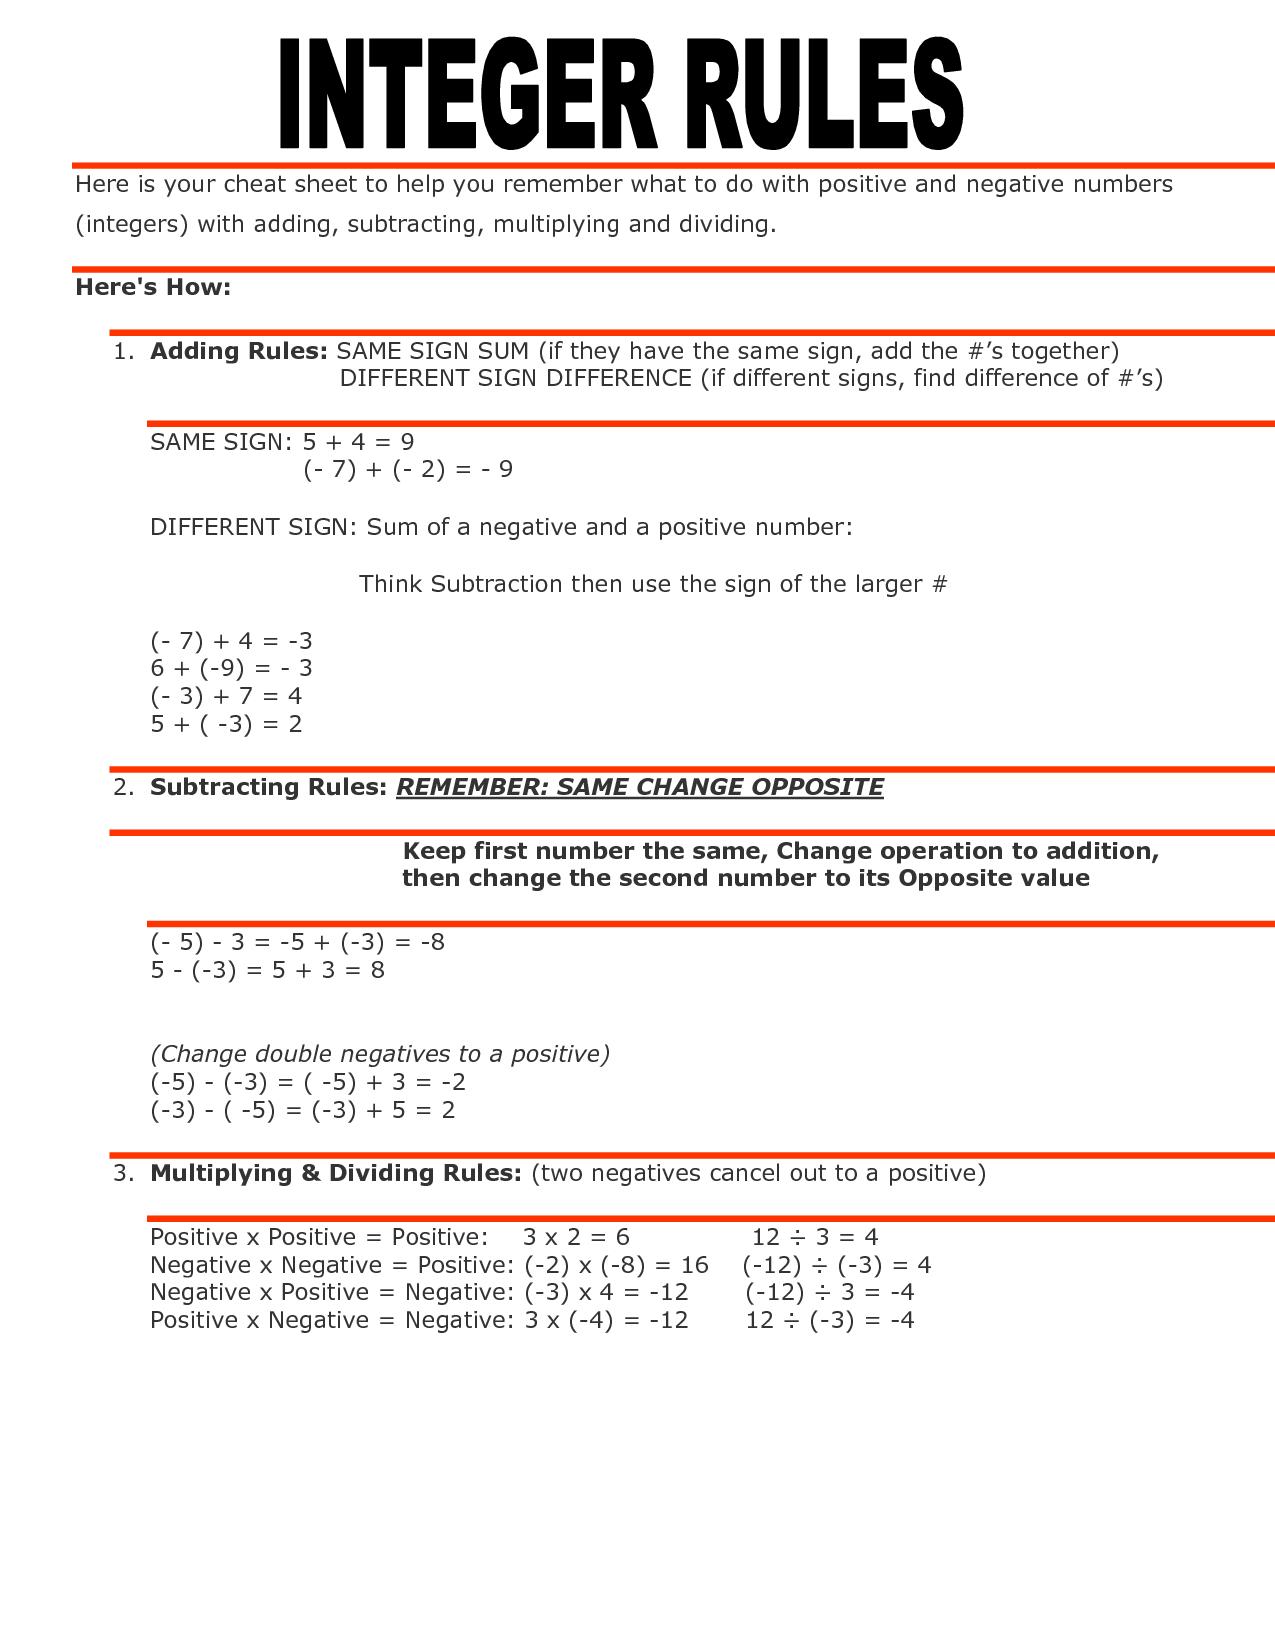 Integer Rules Http://img.docstoccdn/thumb/orig/114840275